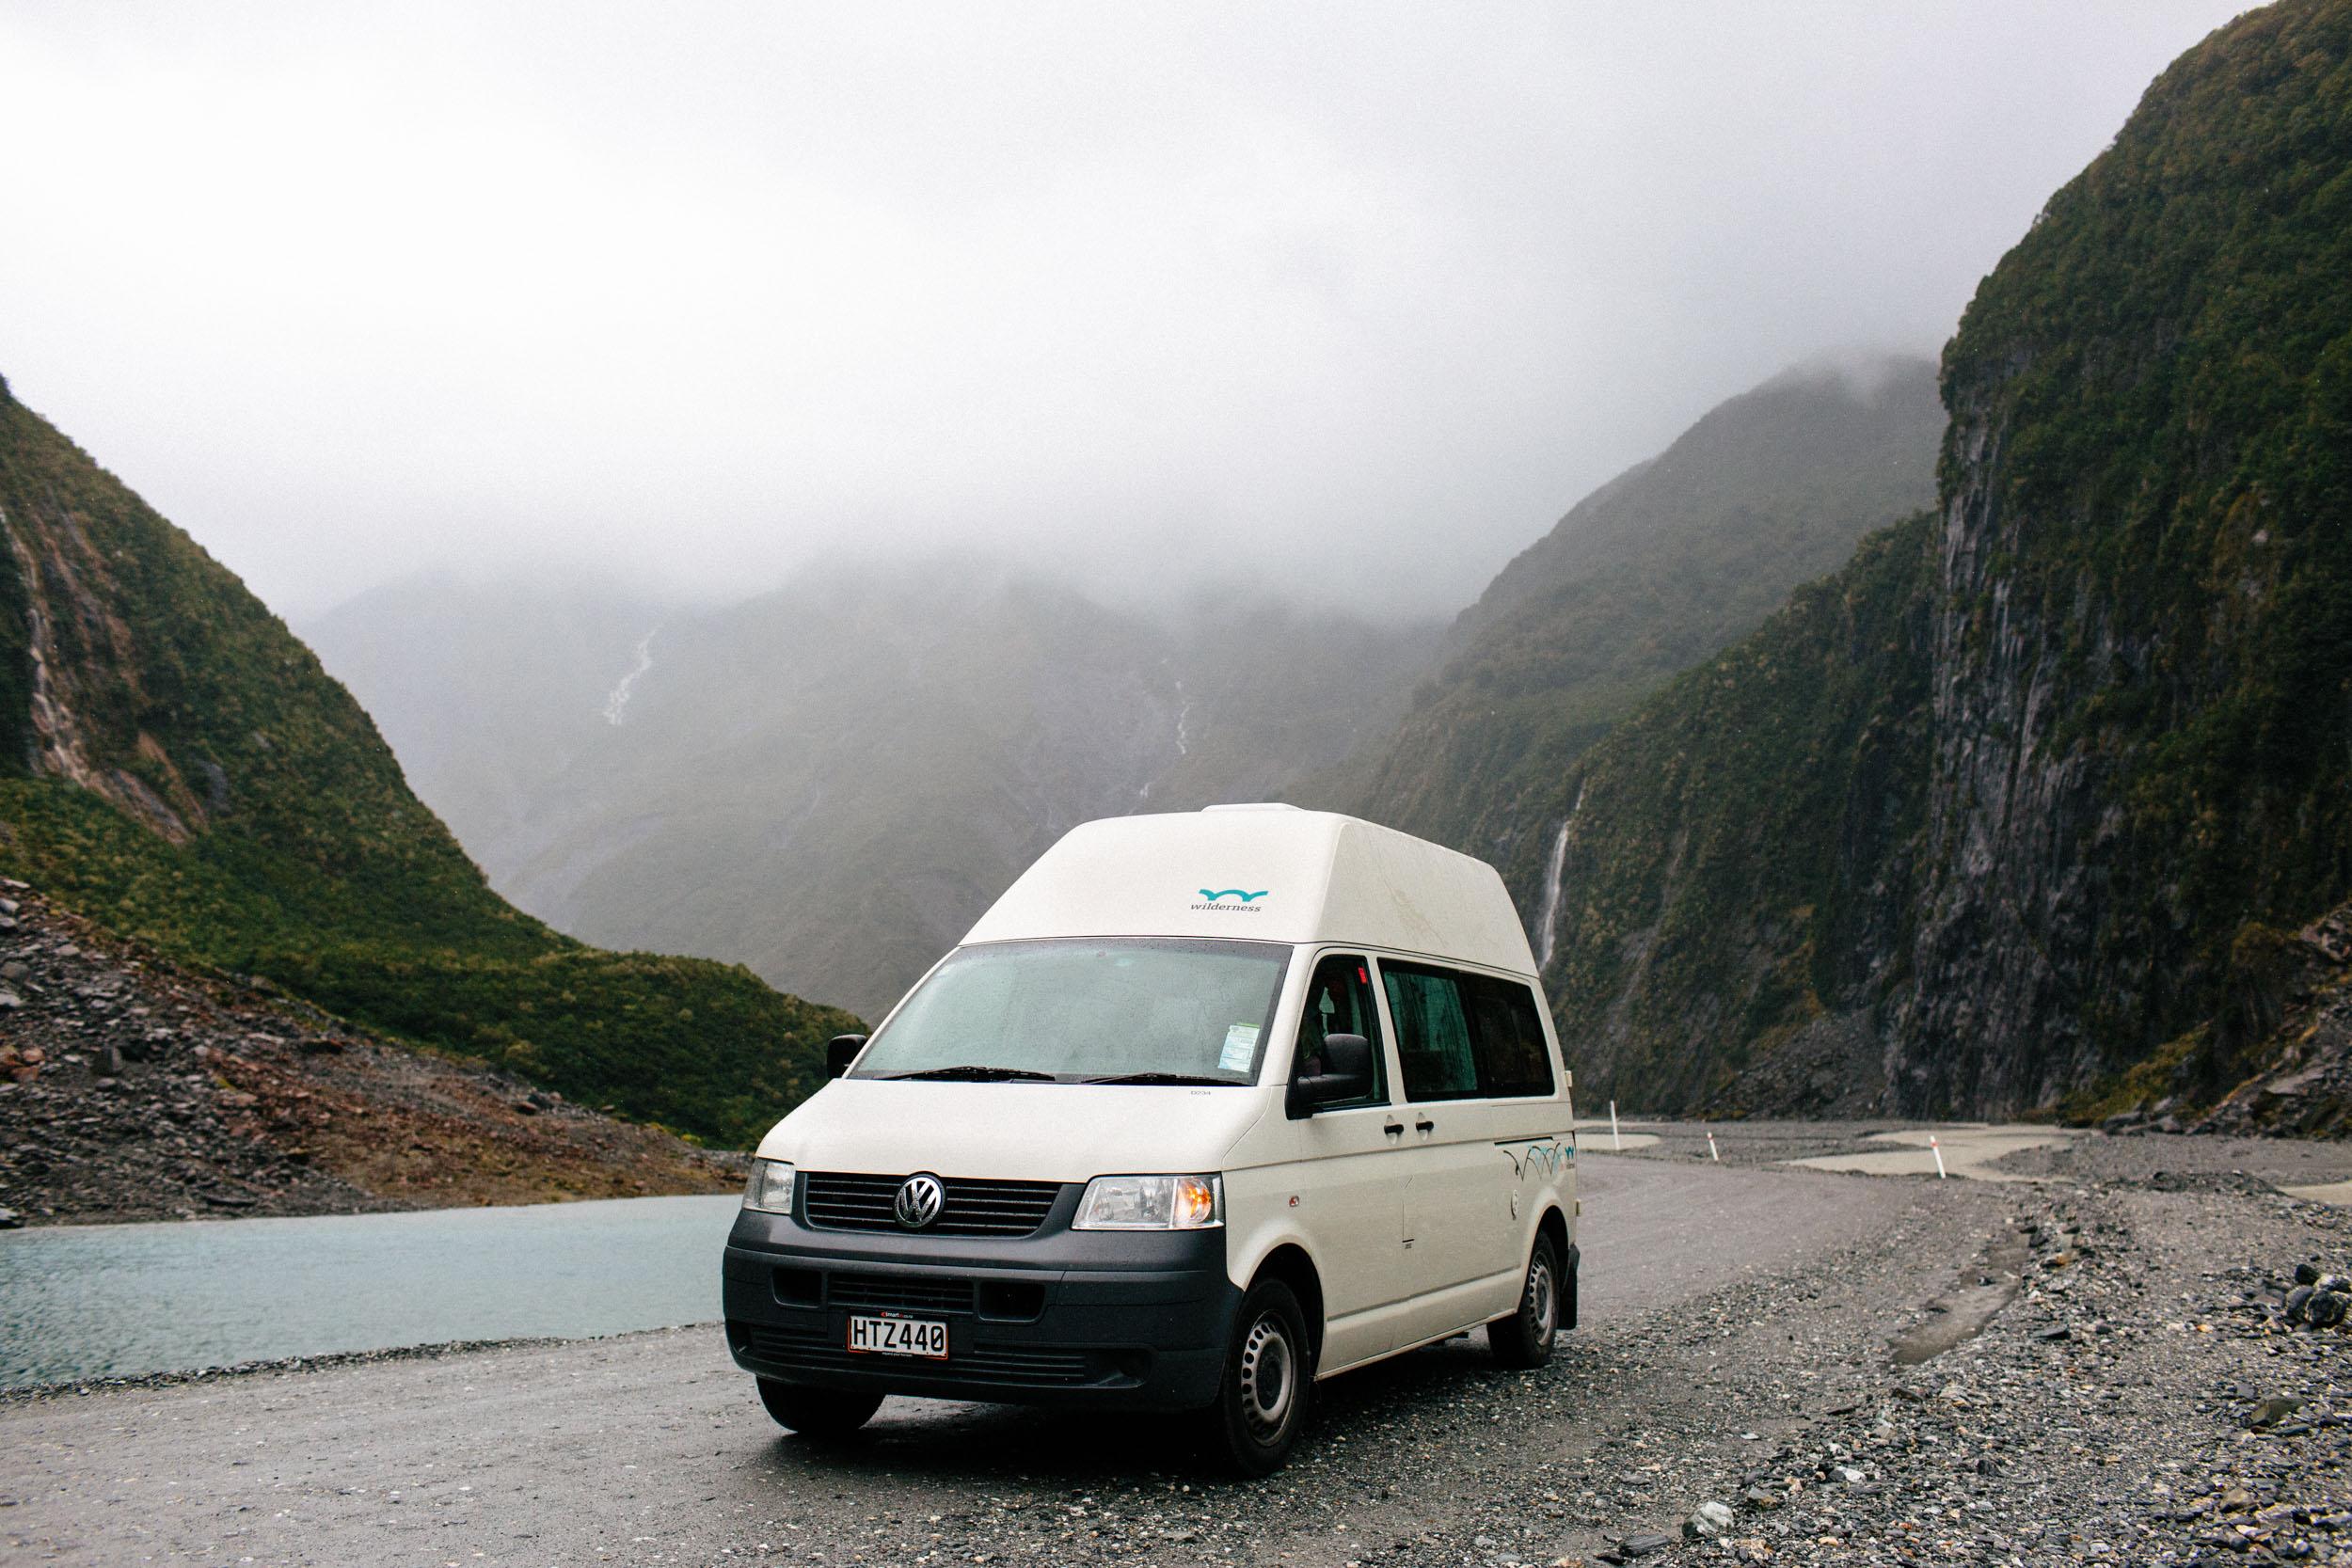 new-zealand-camper-van-roadtrip-030.jpg